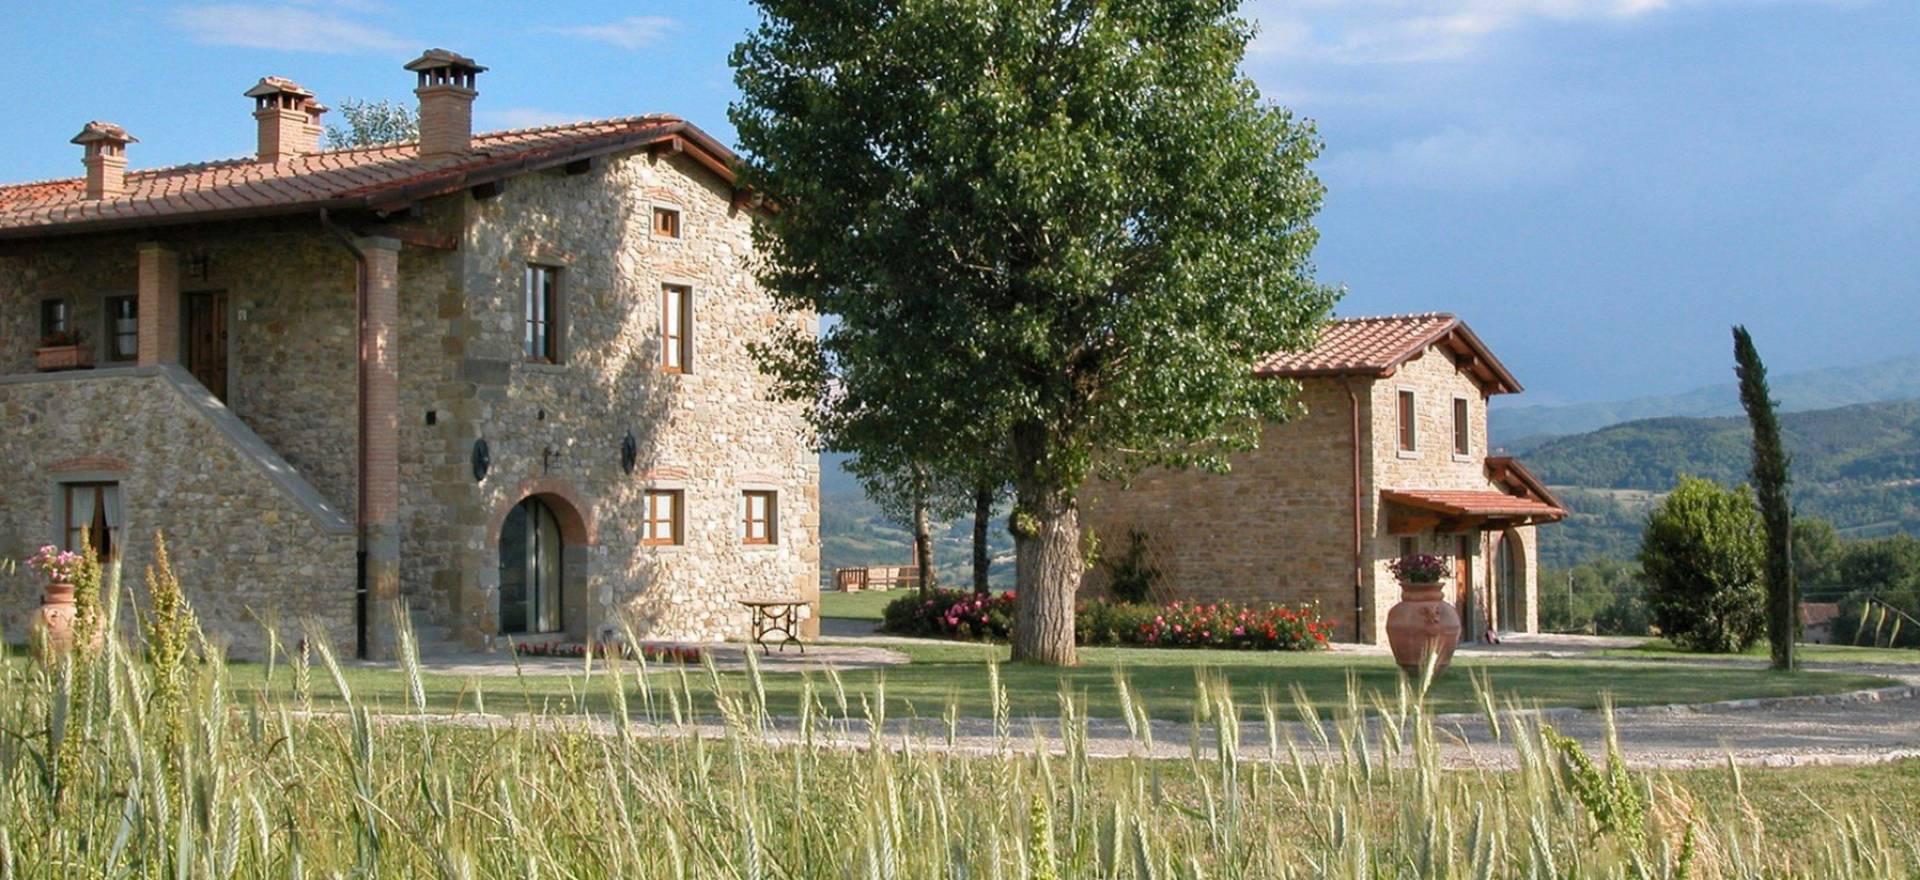 Agriturismo Toscane, zwembad en veel speelruimte